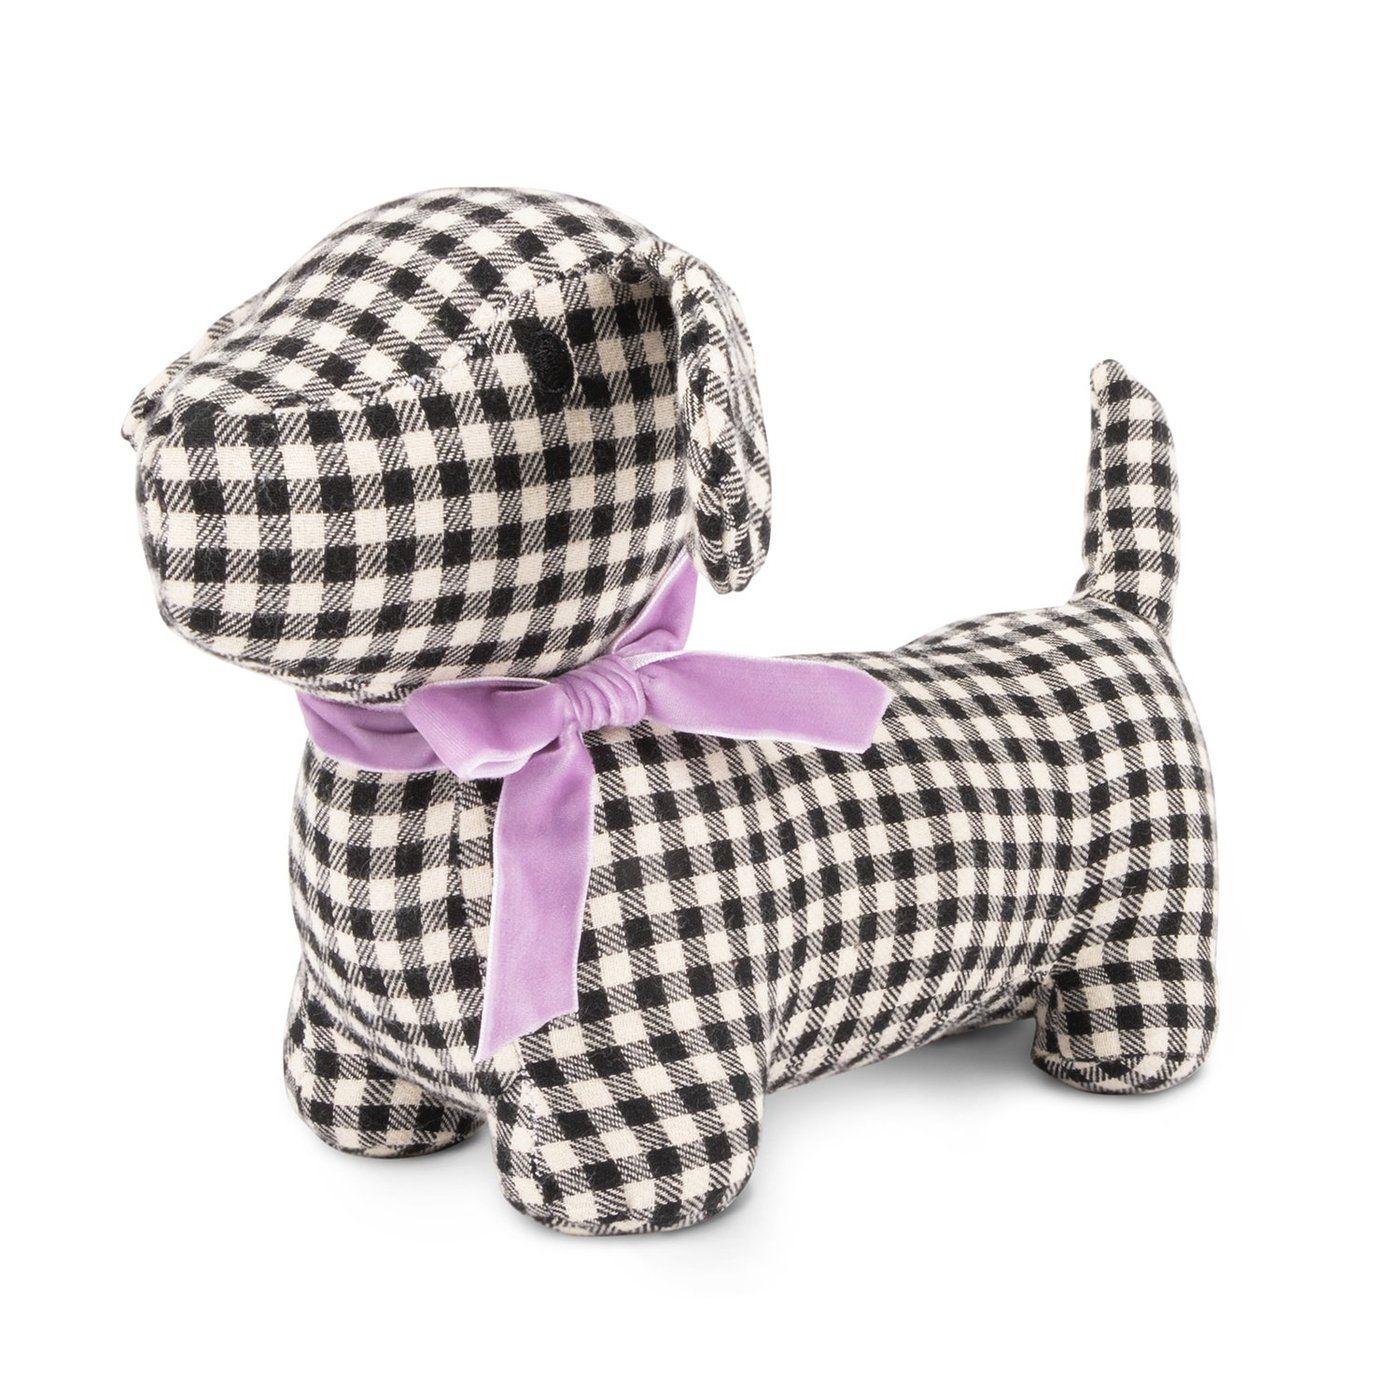 Gingham Hound Plush Dog Toy Smart Dog Toys Interactive Dog Toys